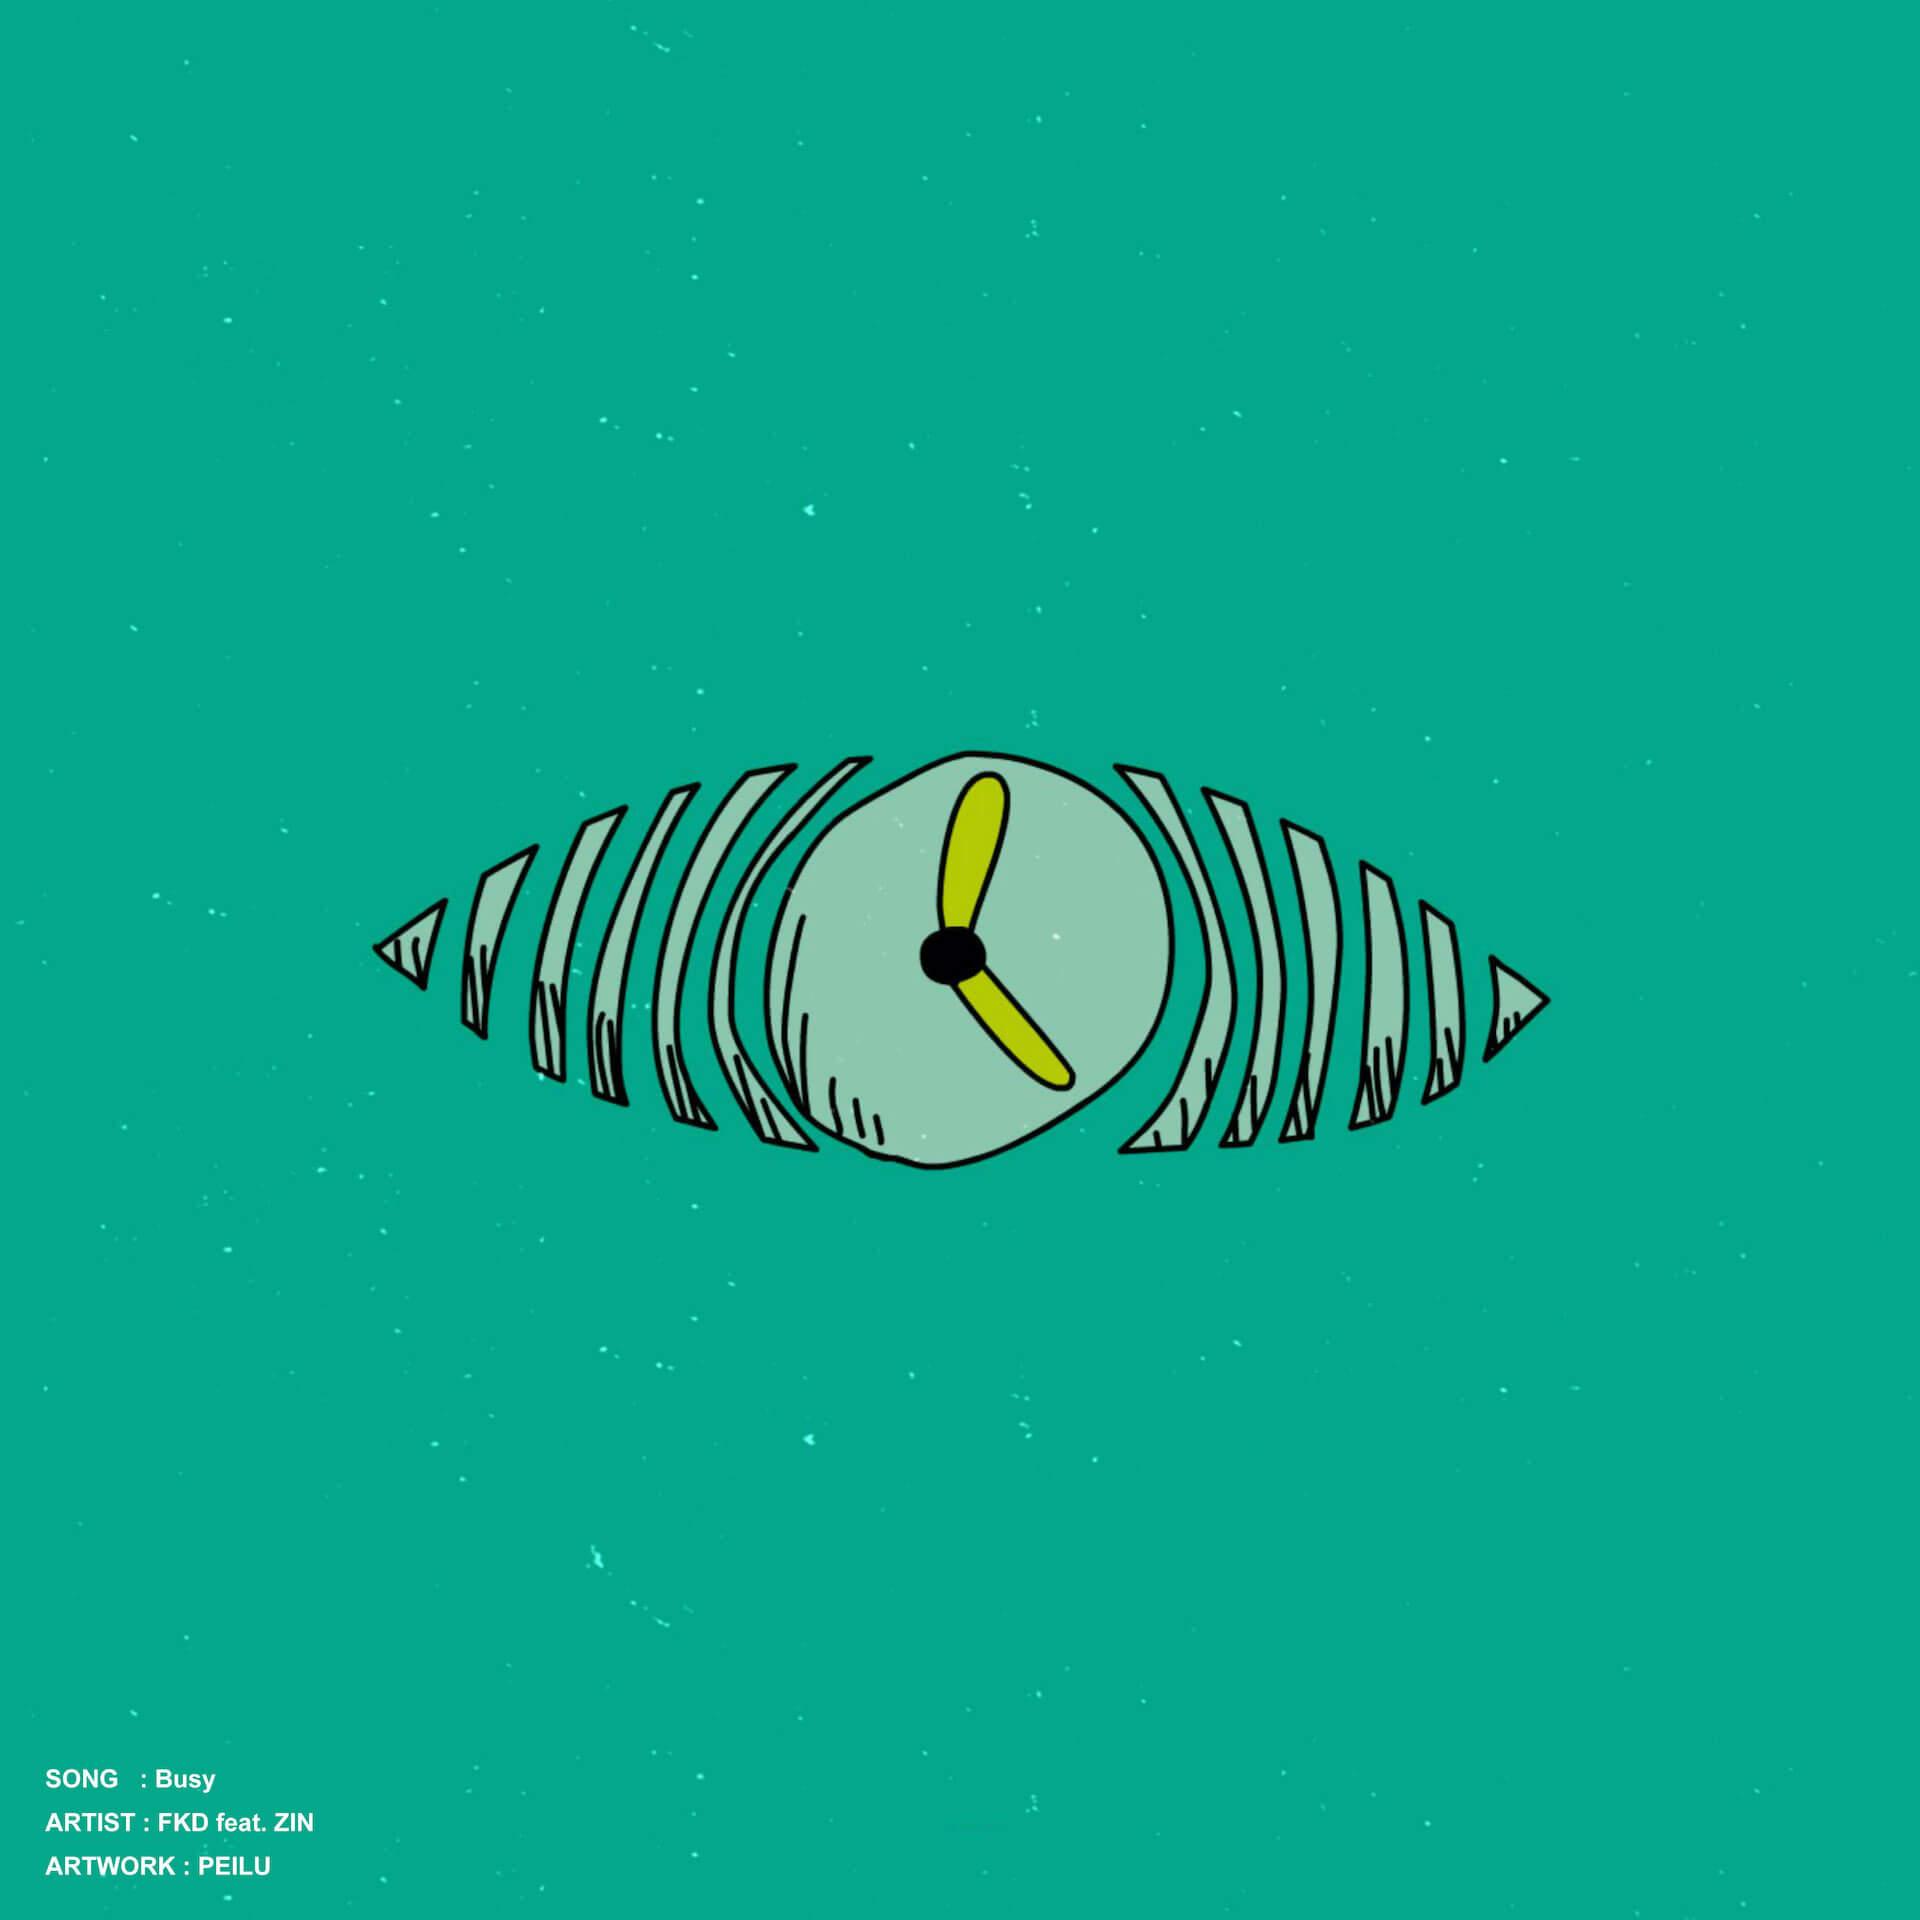 """ビートメイカー・FKDのコンセプトアルバム『Duality』がリリース発表!SSW・ZINを客演に迎えた先行配信曲""""Busy""""をリリース&MV公開 music201228_fkd-01"""